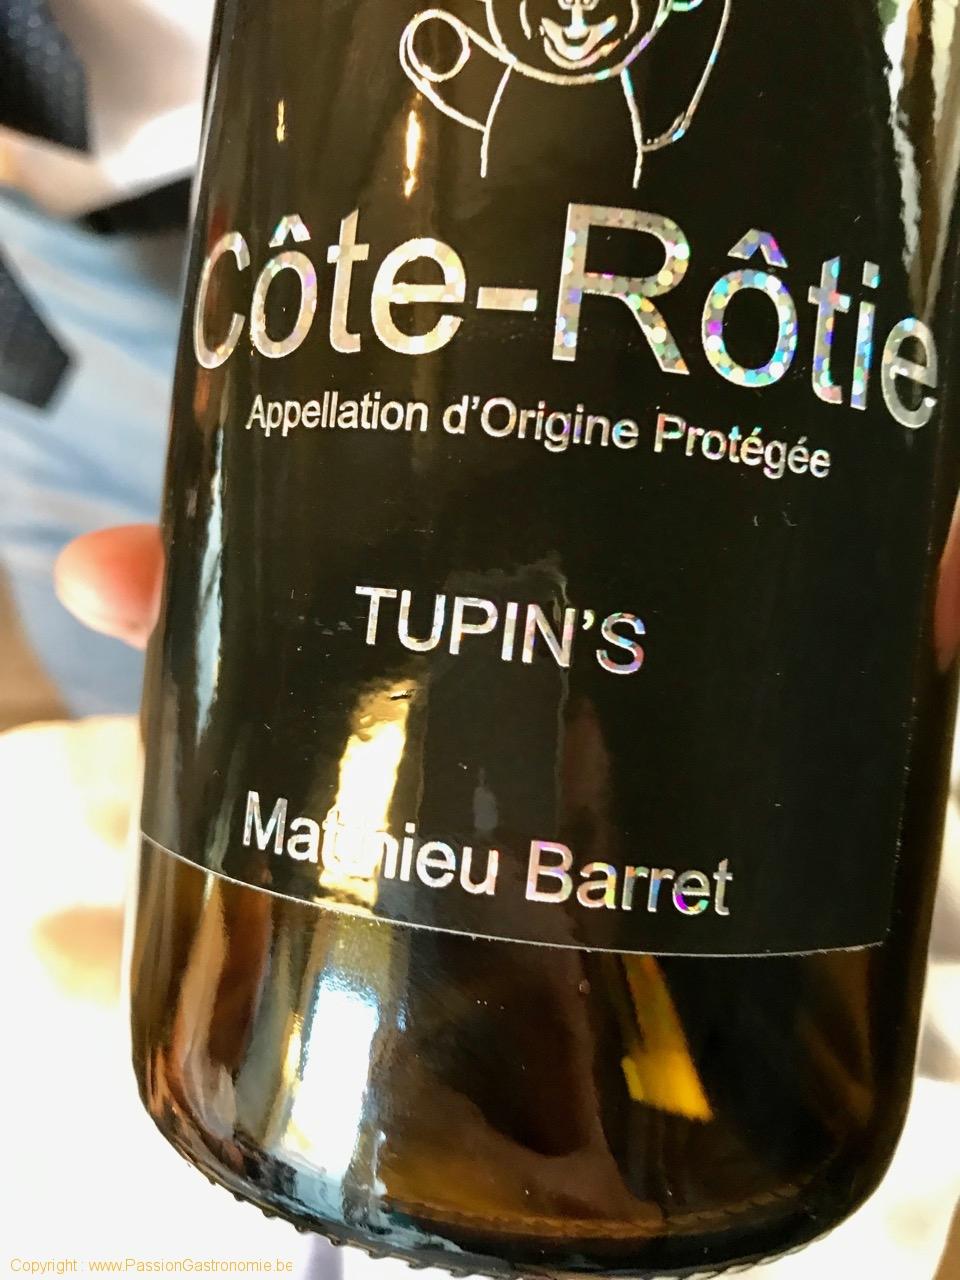 Restaurant Le Mont-A-Gourmet - Côte-Rôtie Tupin's